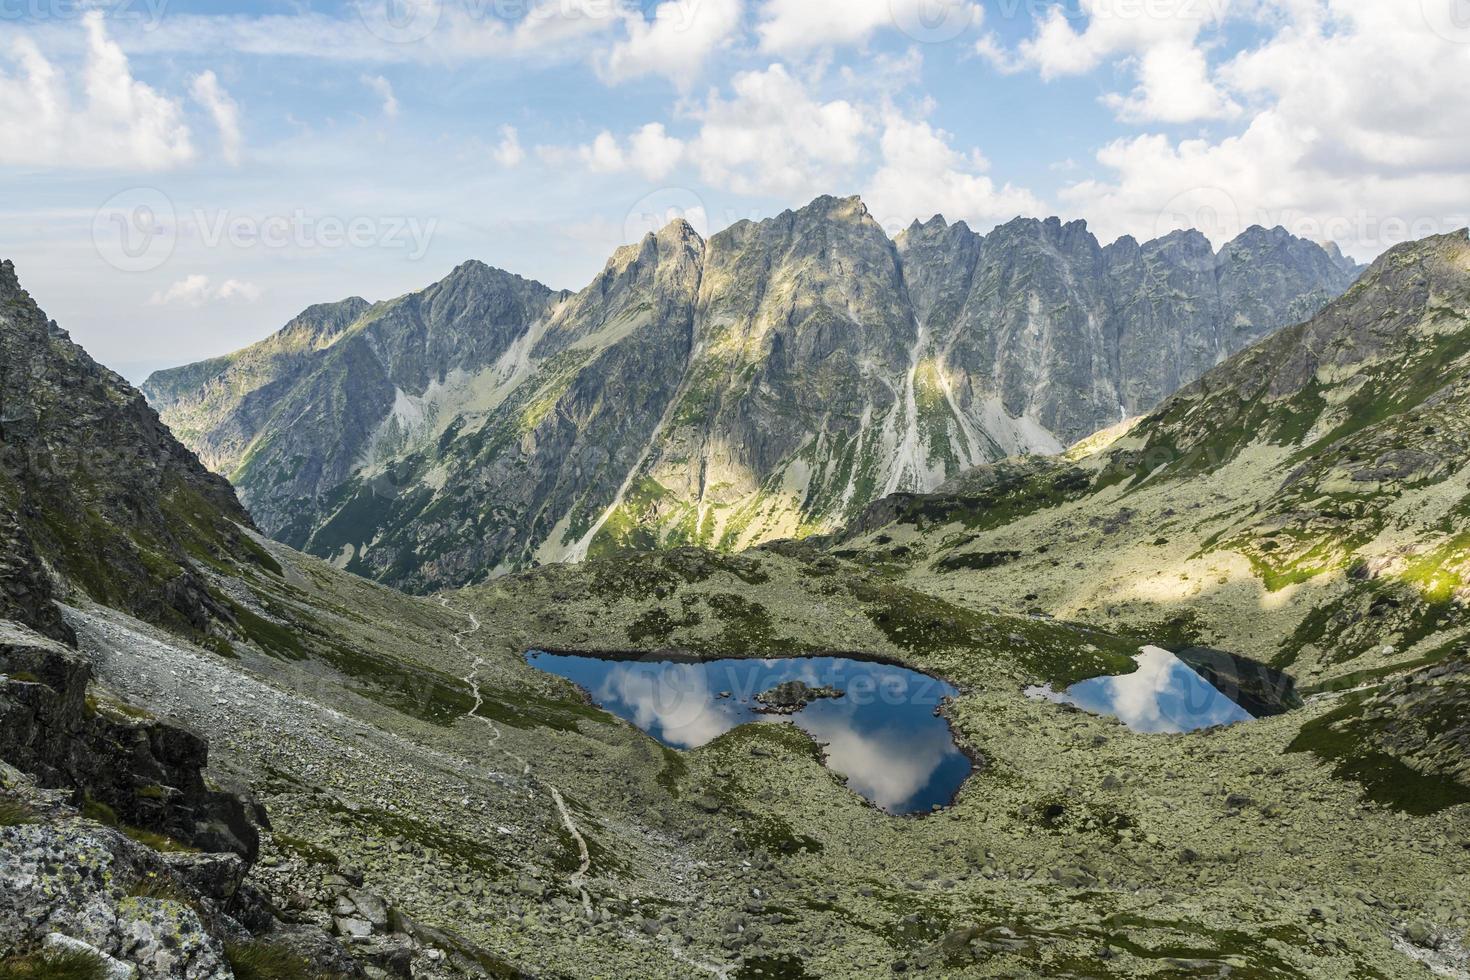 allt vackraste i bergen eller dammar och toppar foto